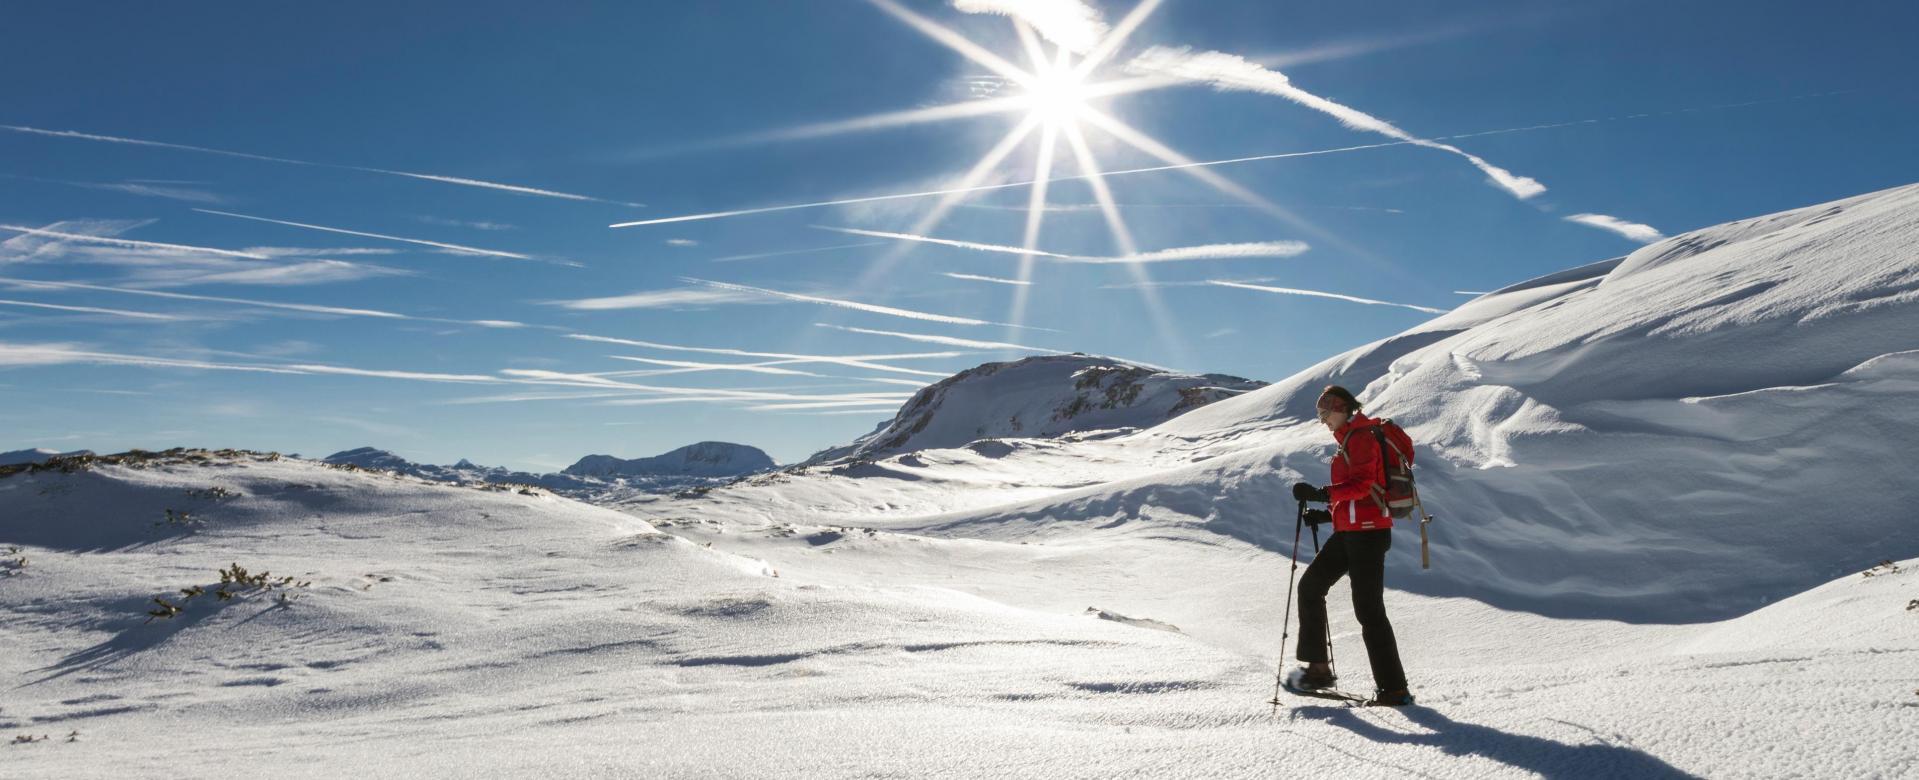 Voyage à la neige France : Rando-forme au pays du mont-blanc